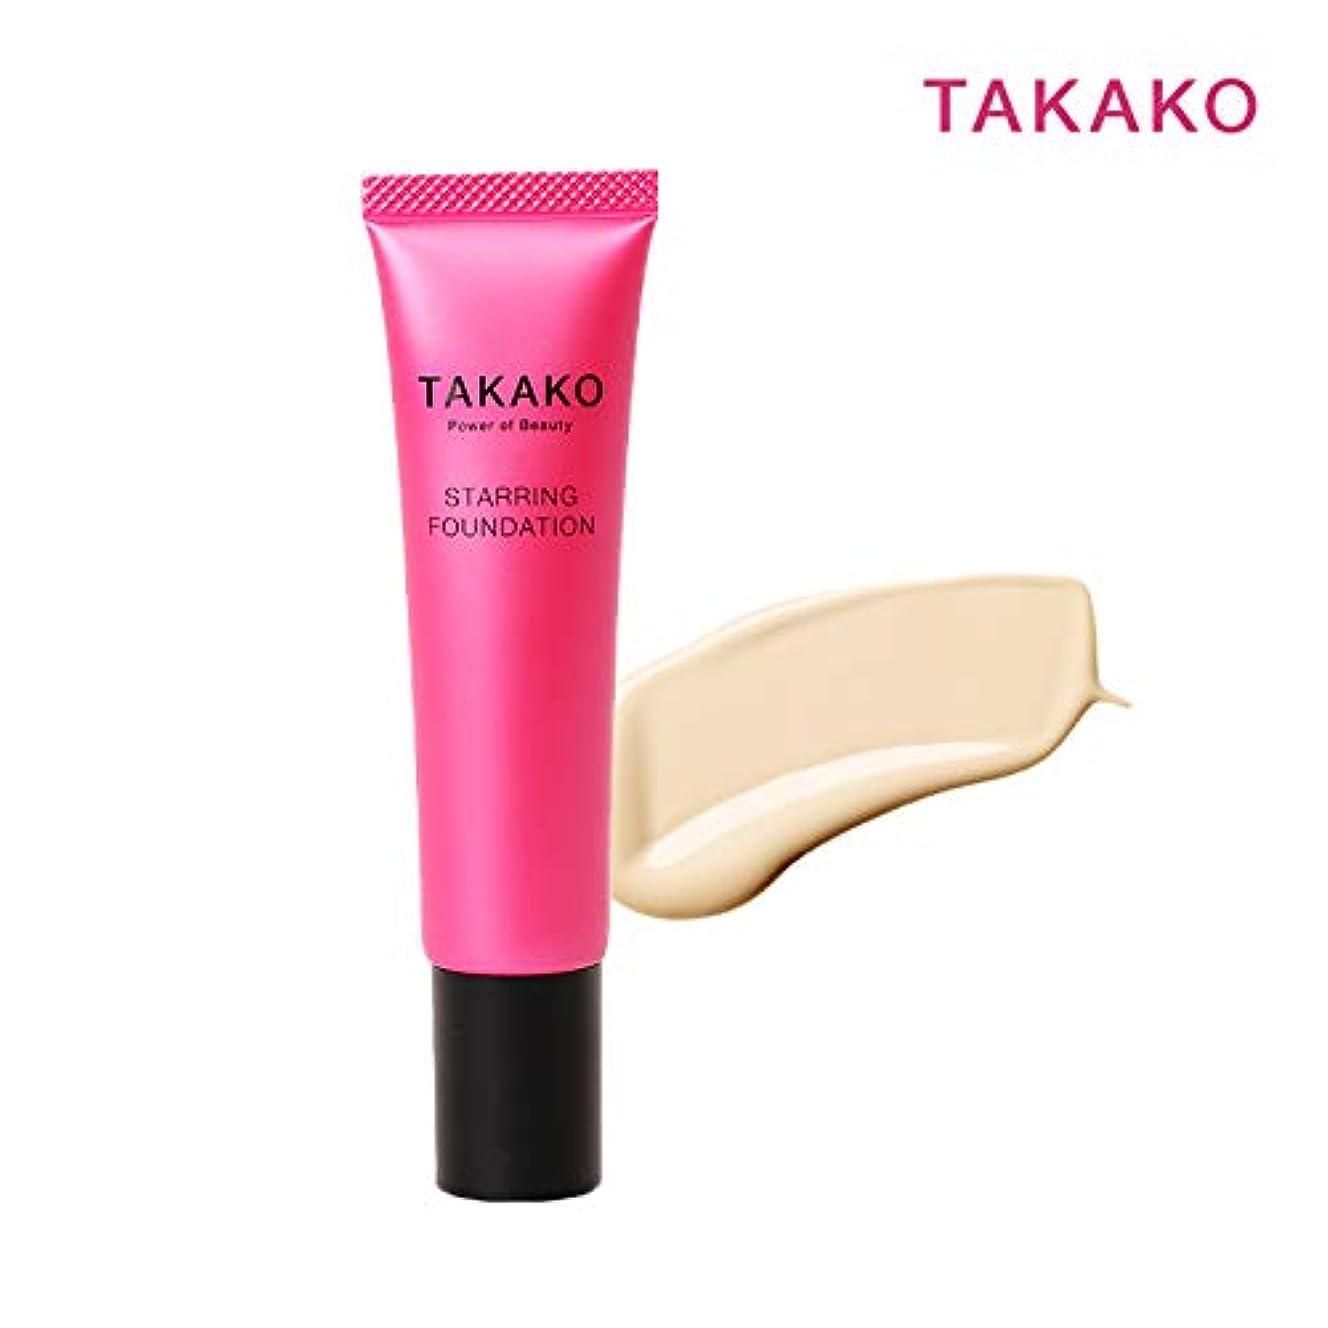 復活するに関してパキスタン人TAKAKO スターリングファンデーション リキッドファンデーション SPF20 PA++ 30g【タカコ コスメ】TAKAKO Power of Beauty STARRING FOUNDATION